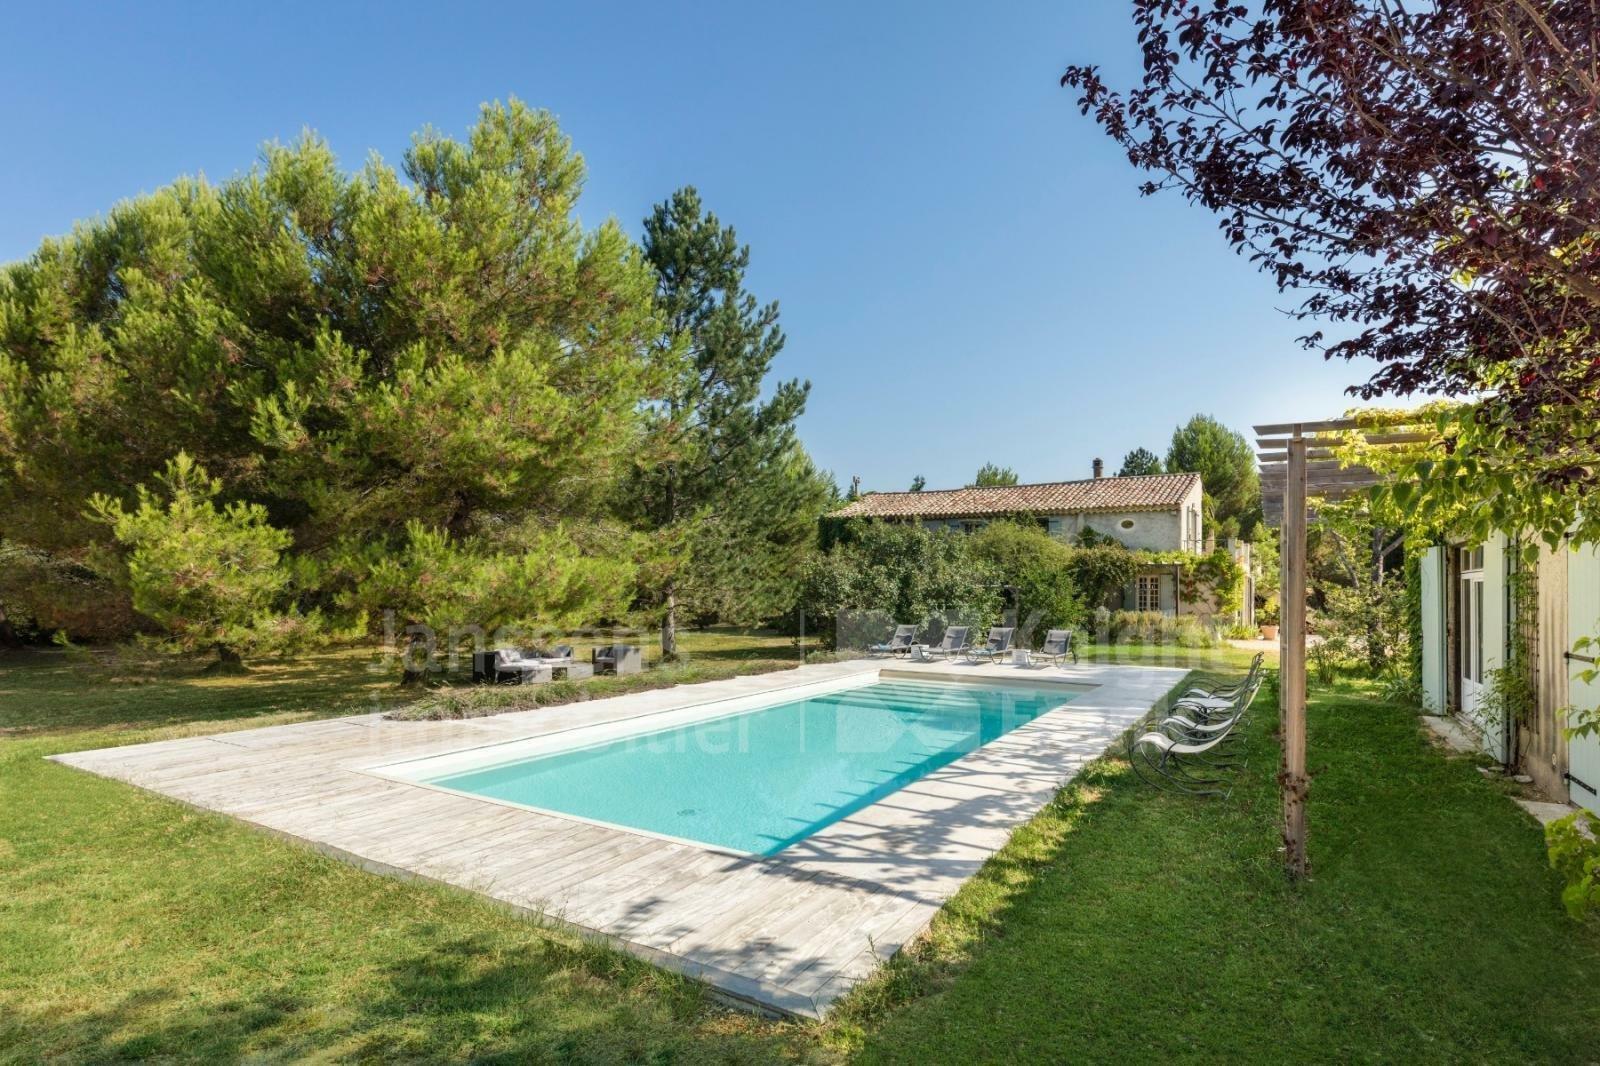 Villa in Roussillon, Provence-Alpes-Côte d'Azur, France 1